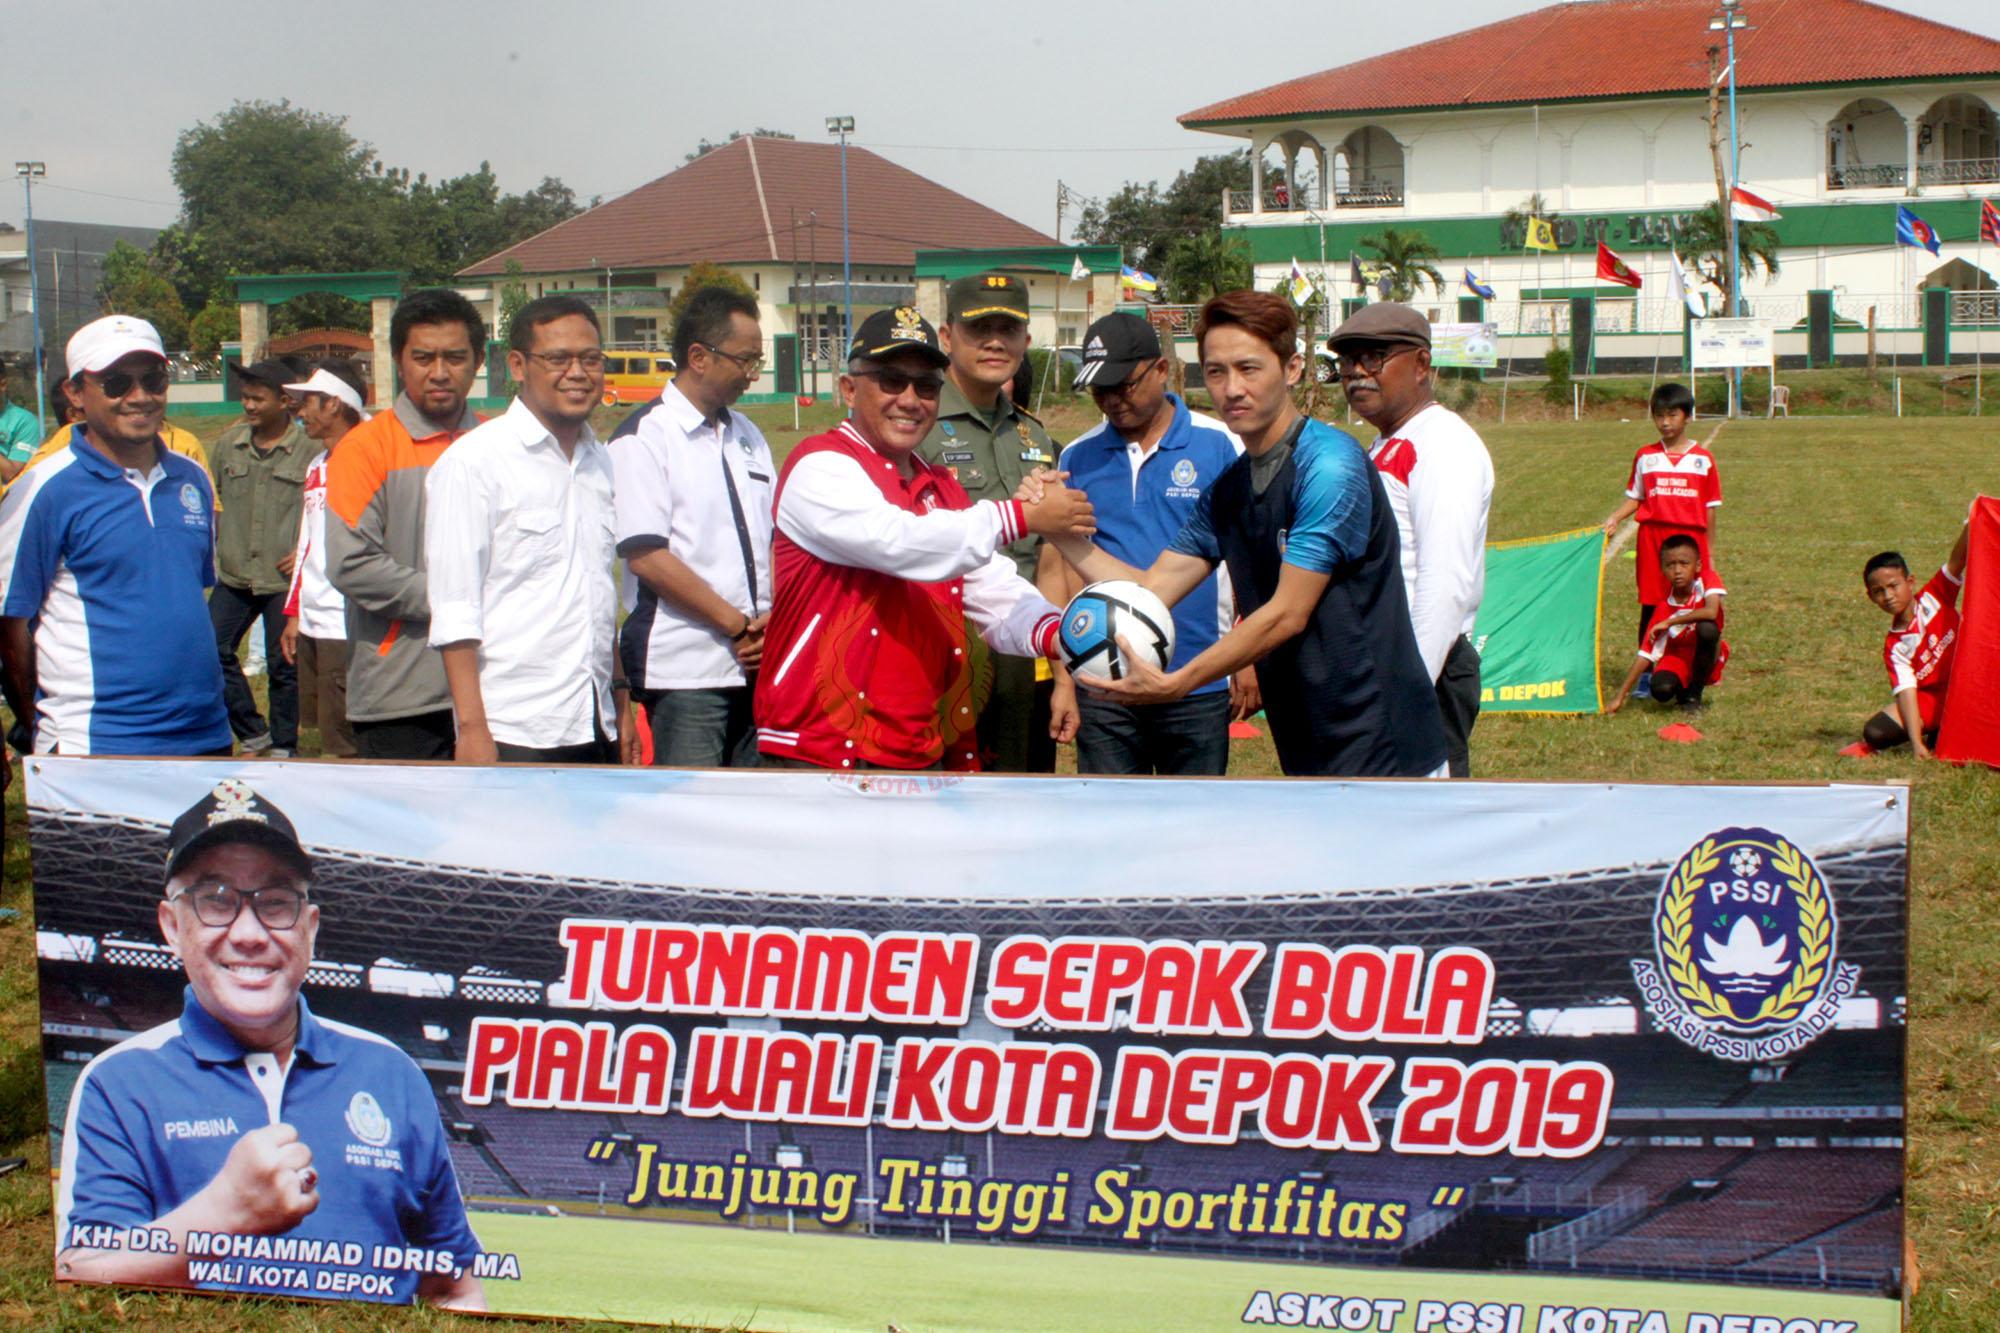 Secara simbolis Mohammad Idris membuka turnamen sepakbola piala Walikota Depok 2019 dengan menyerahkan bola kepada perwakilan panitia penyelenggara.